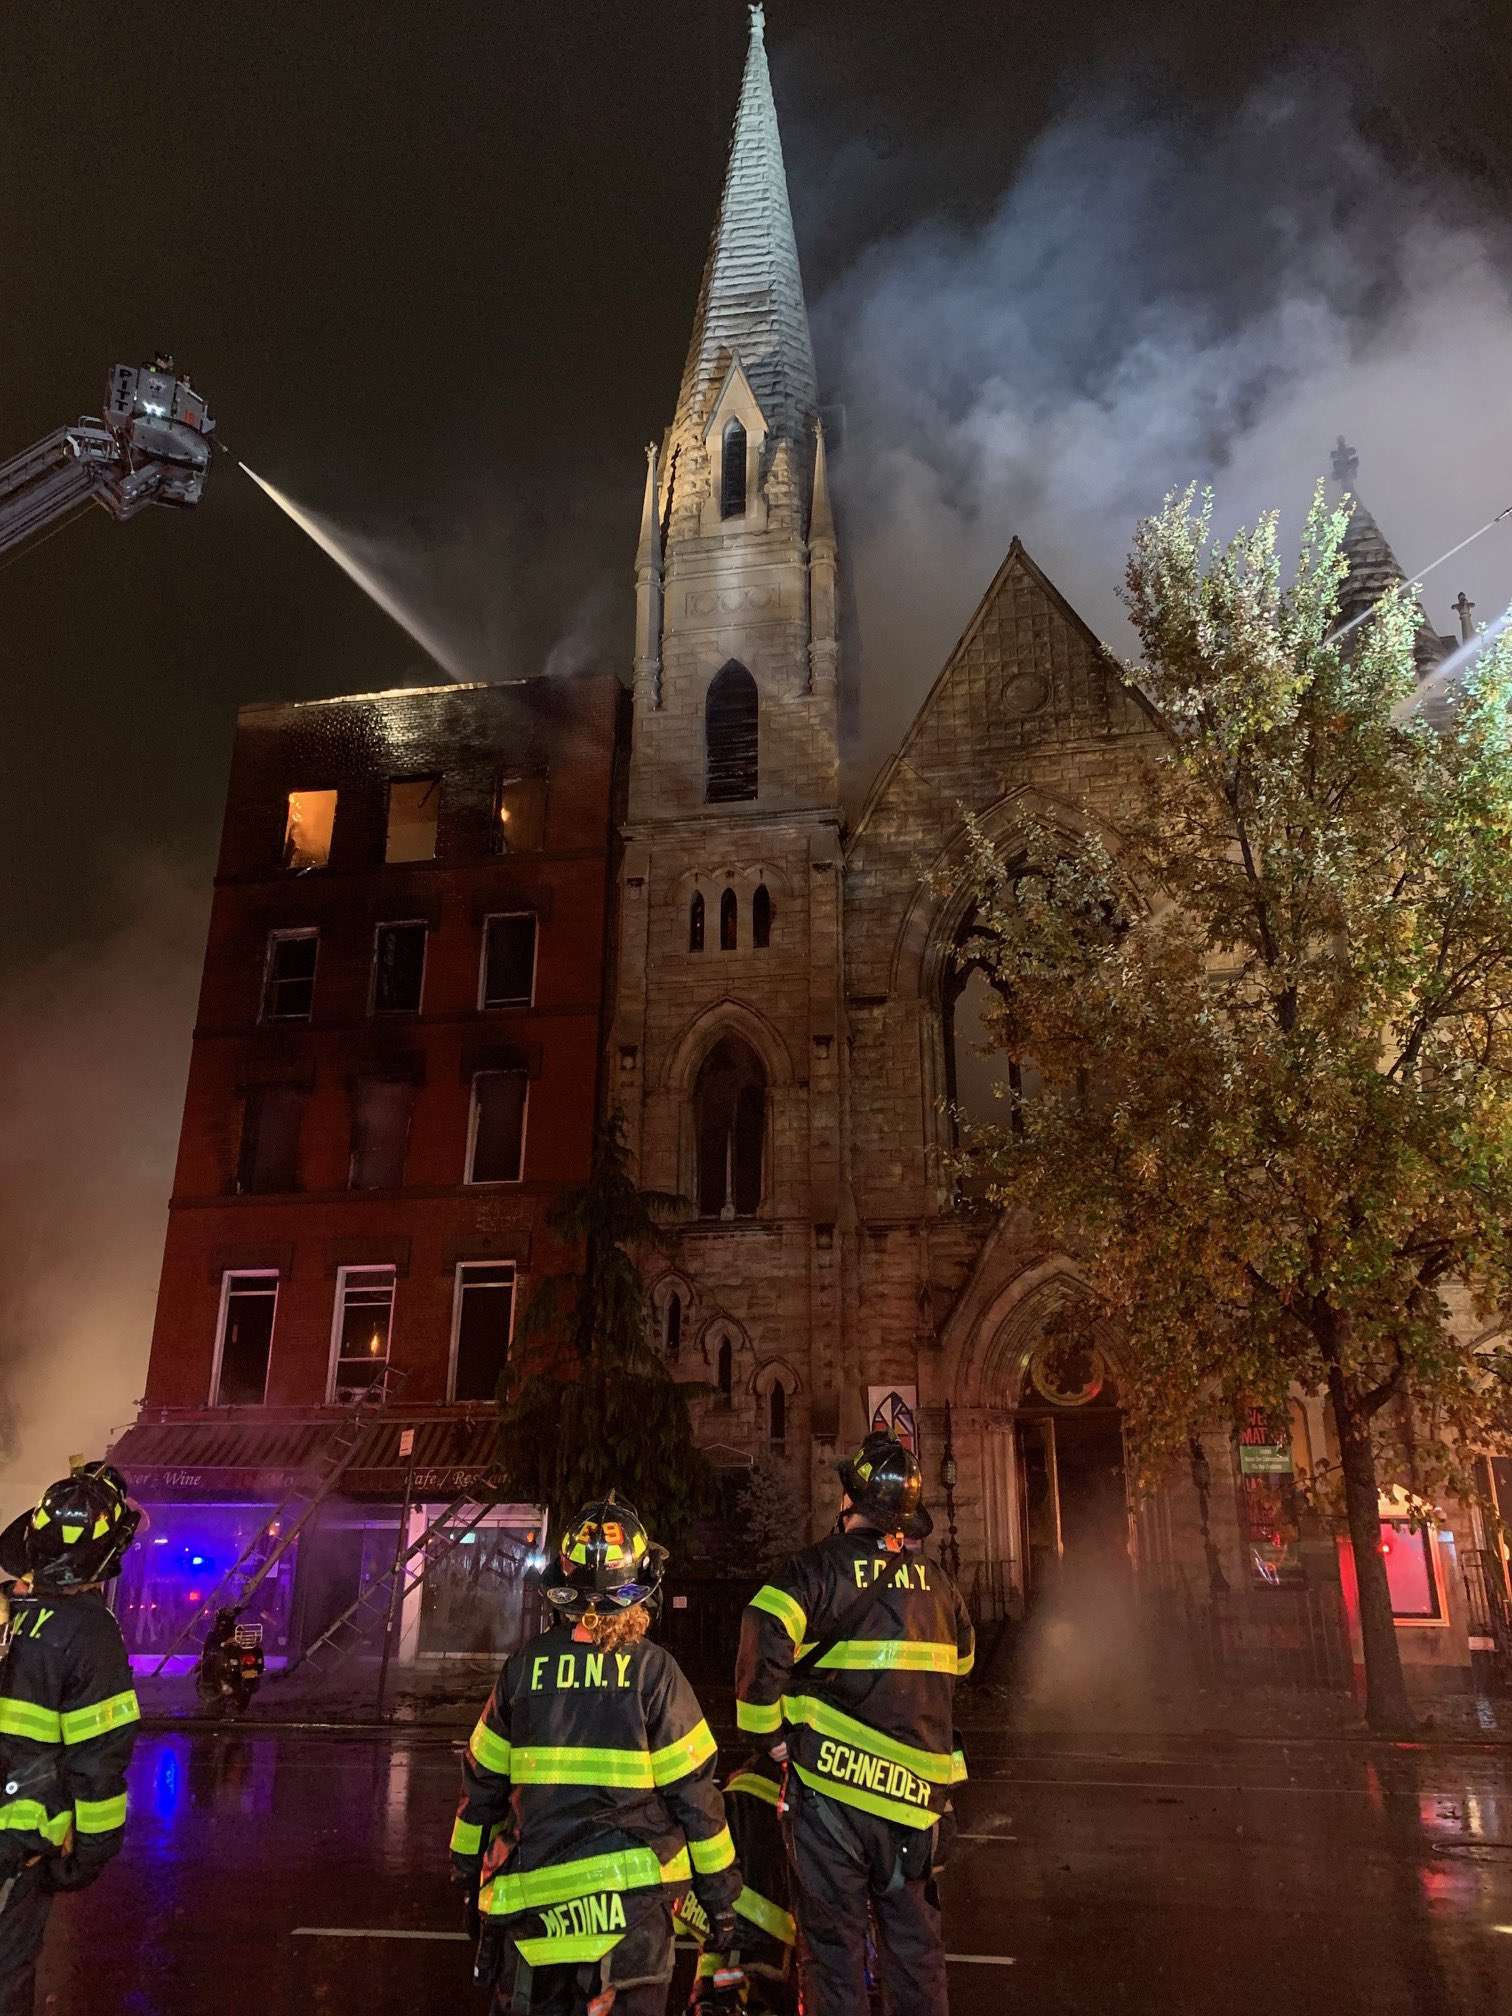 المبنى والكنيسة فى نيويورك